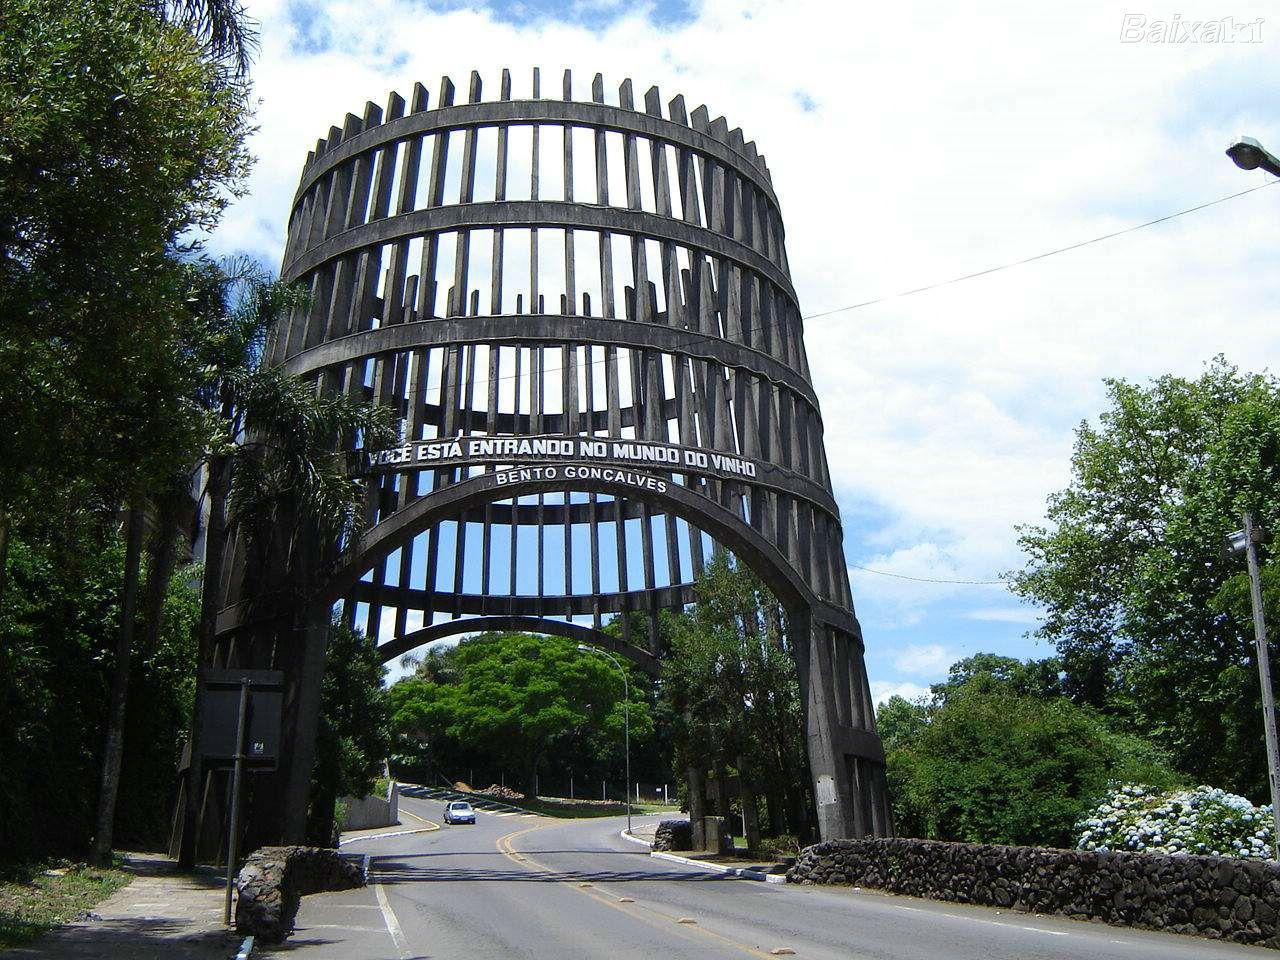 Imóveis à Venda em Bento Gonçalves RS Imobiliárias Imóveis à Venda em Bento Gonçalves, RS, Imobiliárias